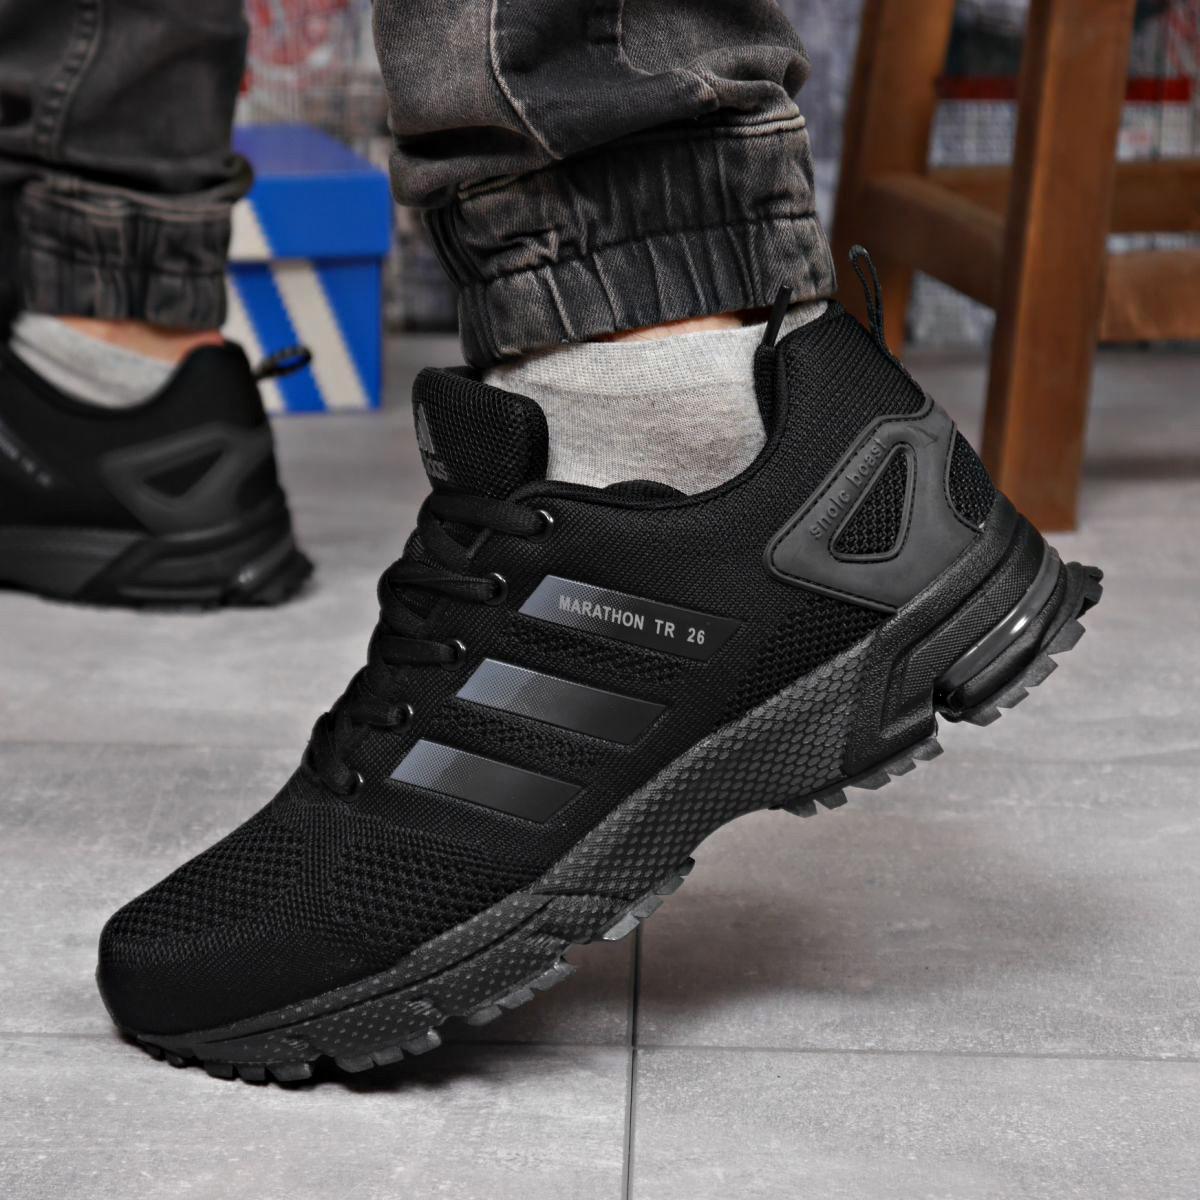 Кроссовки мужские 18224 ► Adidas Marathon Tr 26, черные . [Размеры в наличии: 44]